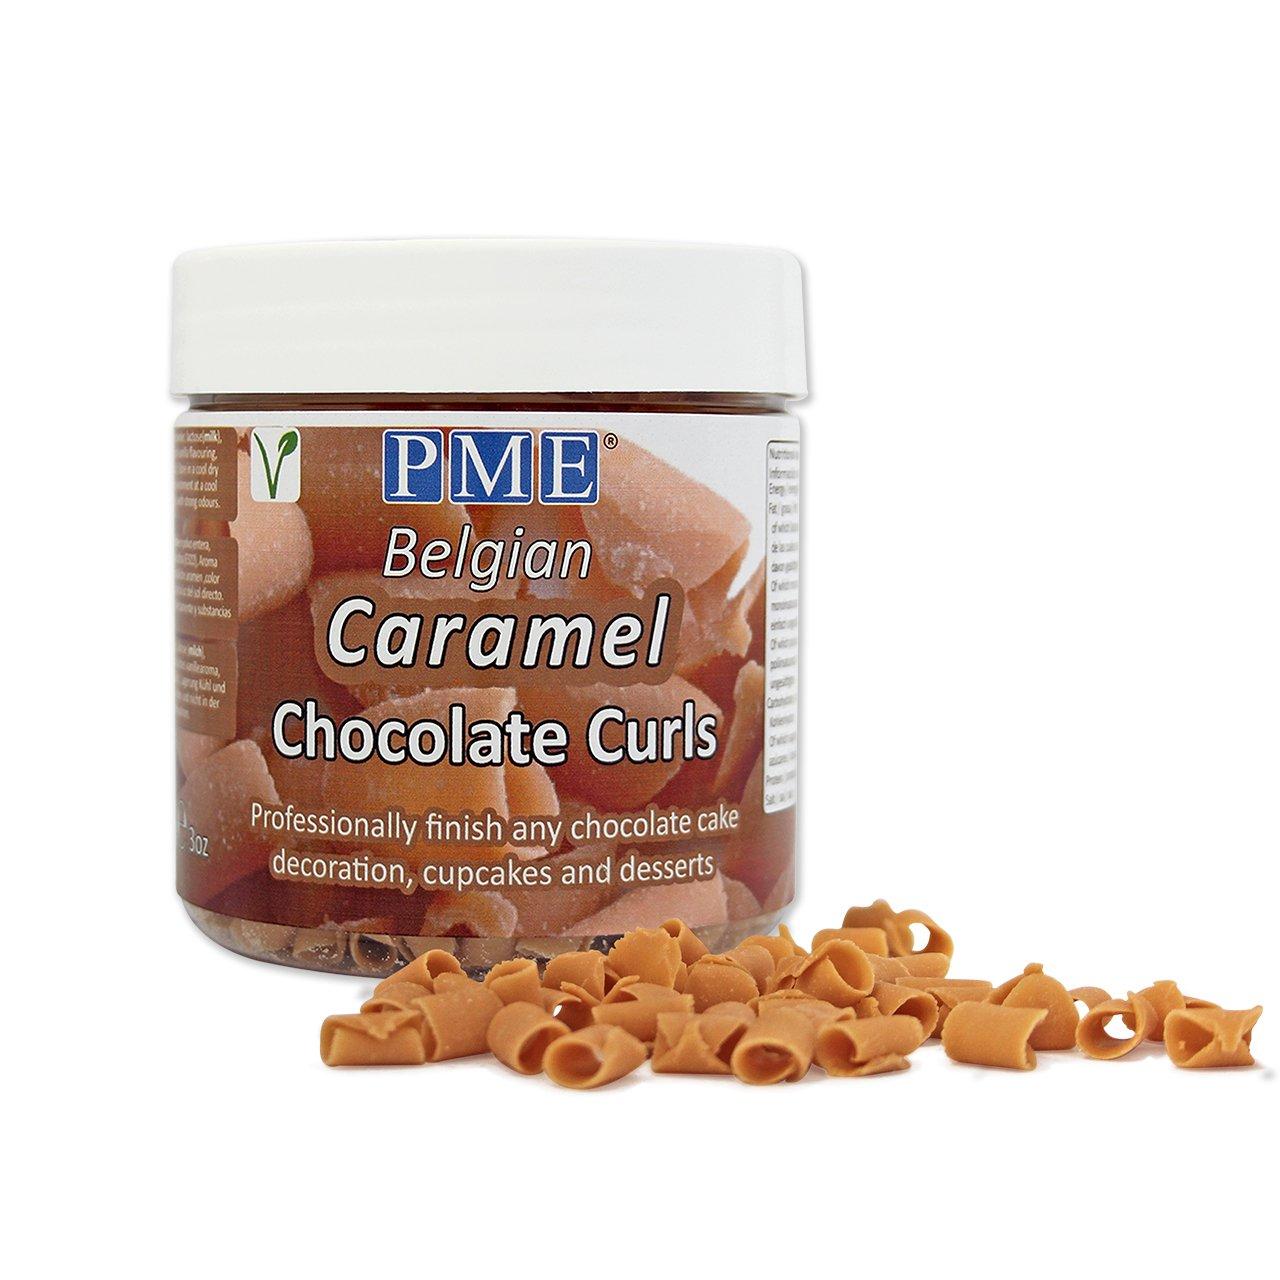 Bizcochos de Chocolate con Caramelo Belga de PME 85 g: Amazon.es: Alimentación y bebidas